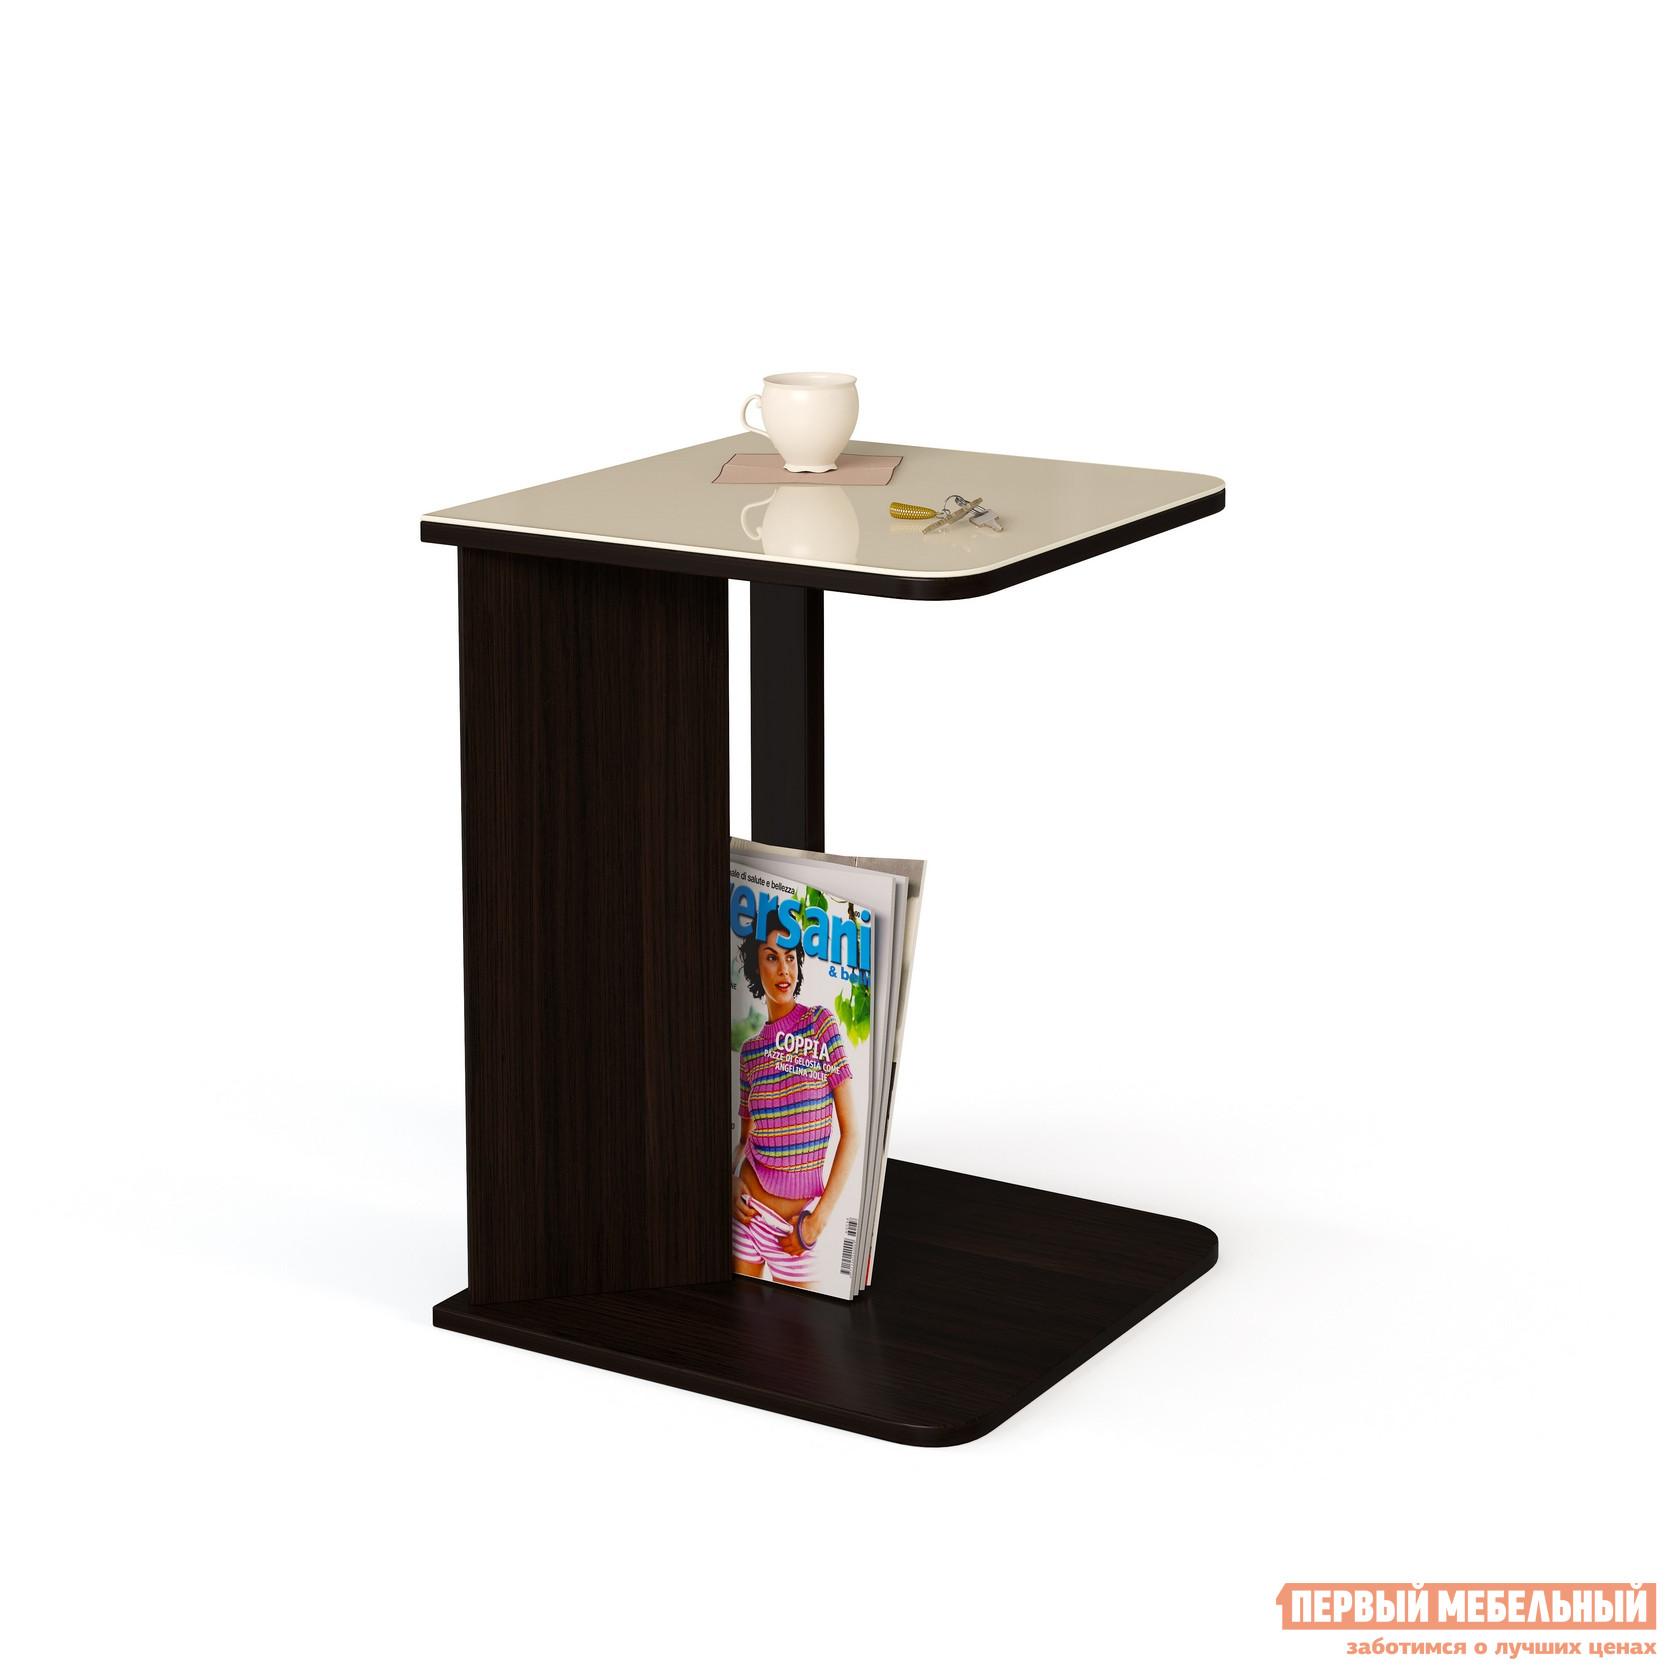 Журнальный столик МегаЭлатон Эдем 01 стол журнальный со стеклом Венге / Бежевое стекло